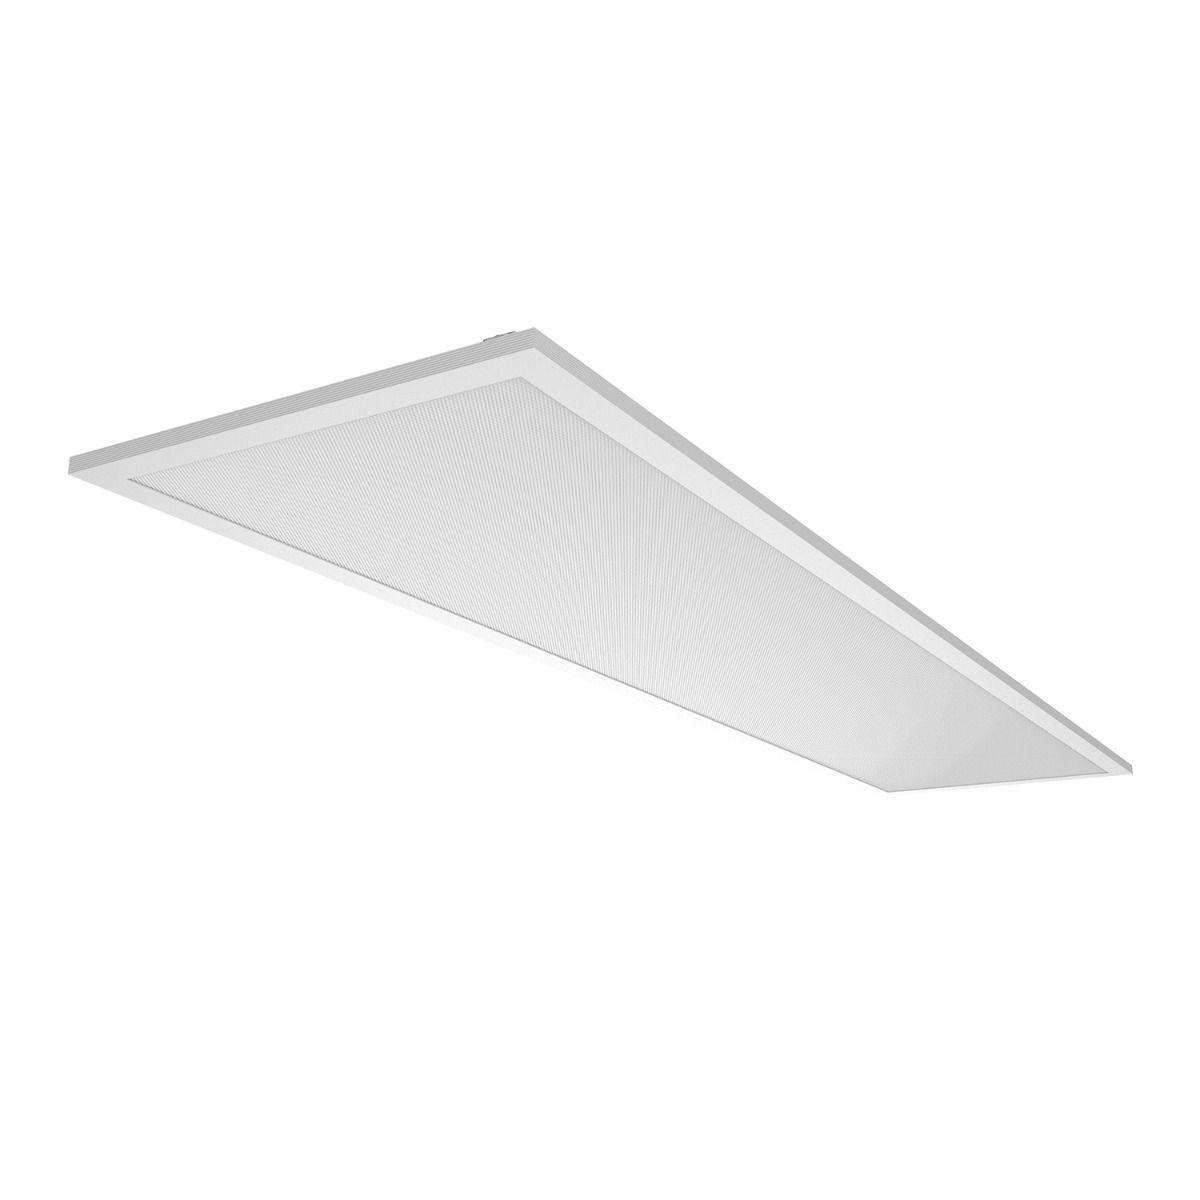 Noxion LED Panel Delta Pro V3 30W 4000K 4070lm 30x120cm UGR <19 | Cool White - Replaces 2x36W